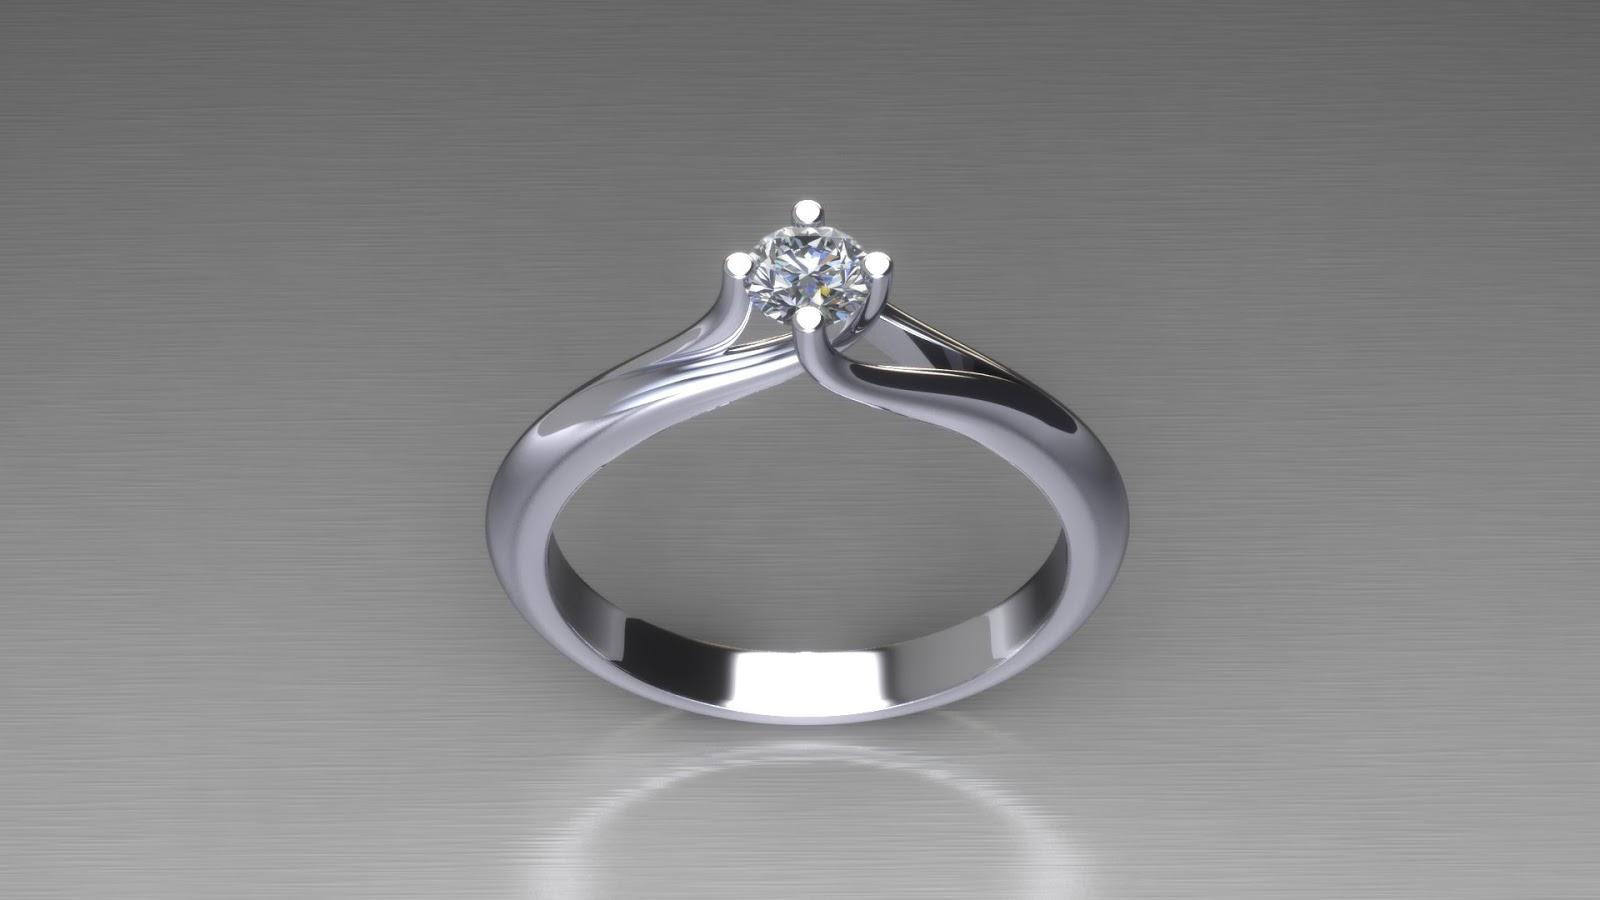 Ο τύπος αυτός δαχτυλιδιού έγινε στην Ελλάδα ιδιαίτερα αγαπητός κατά της  δεκαετία του  90 και του  00 για πολλούς λόγους. Πρώτον 045904a6a0a